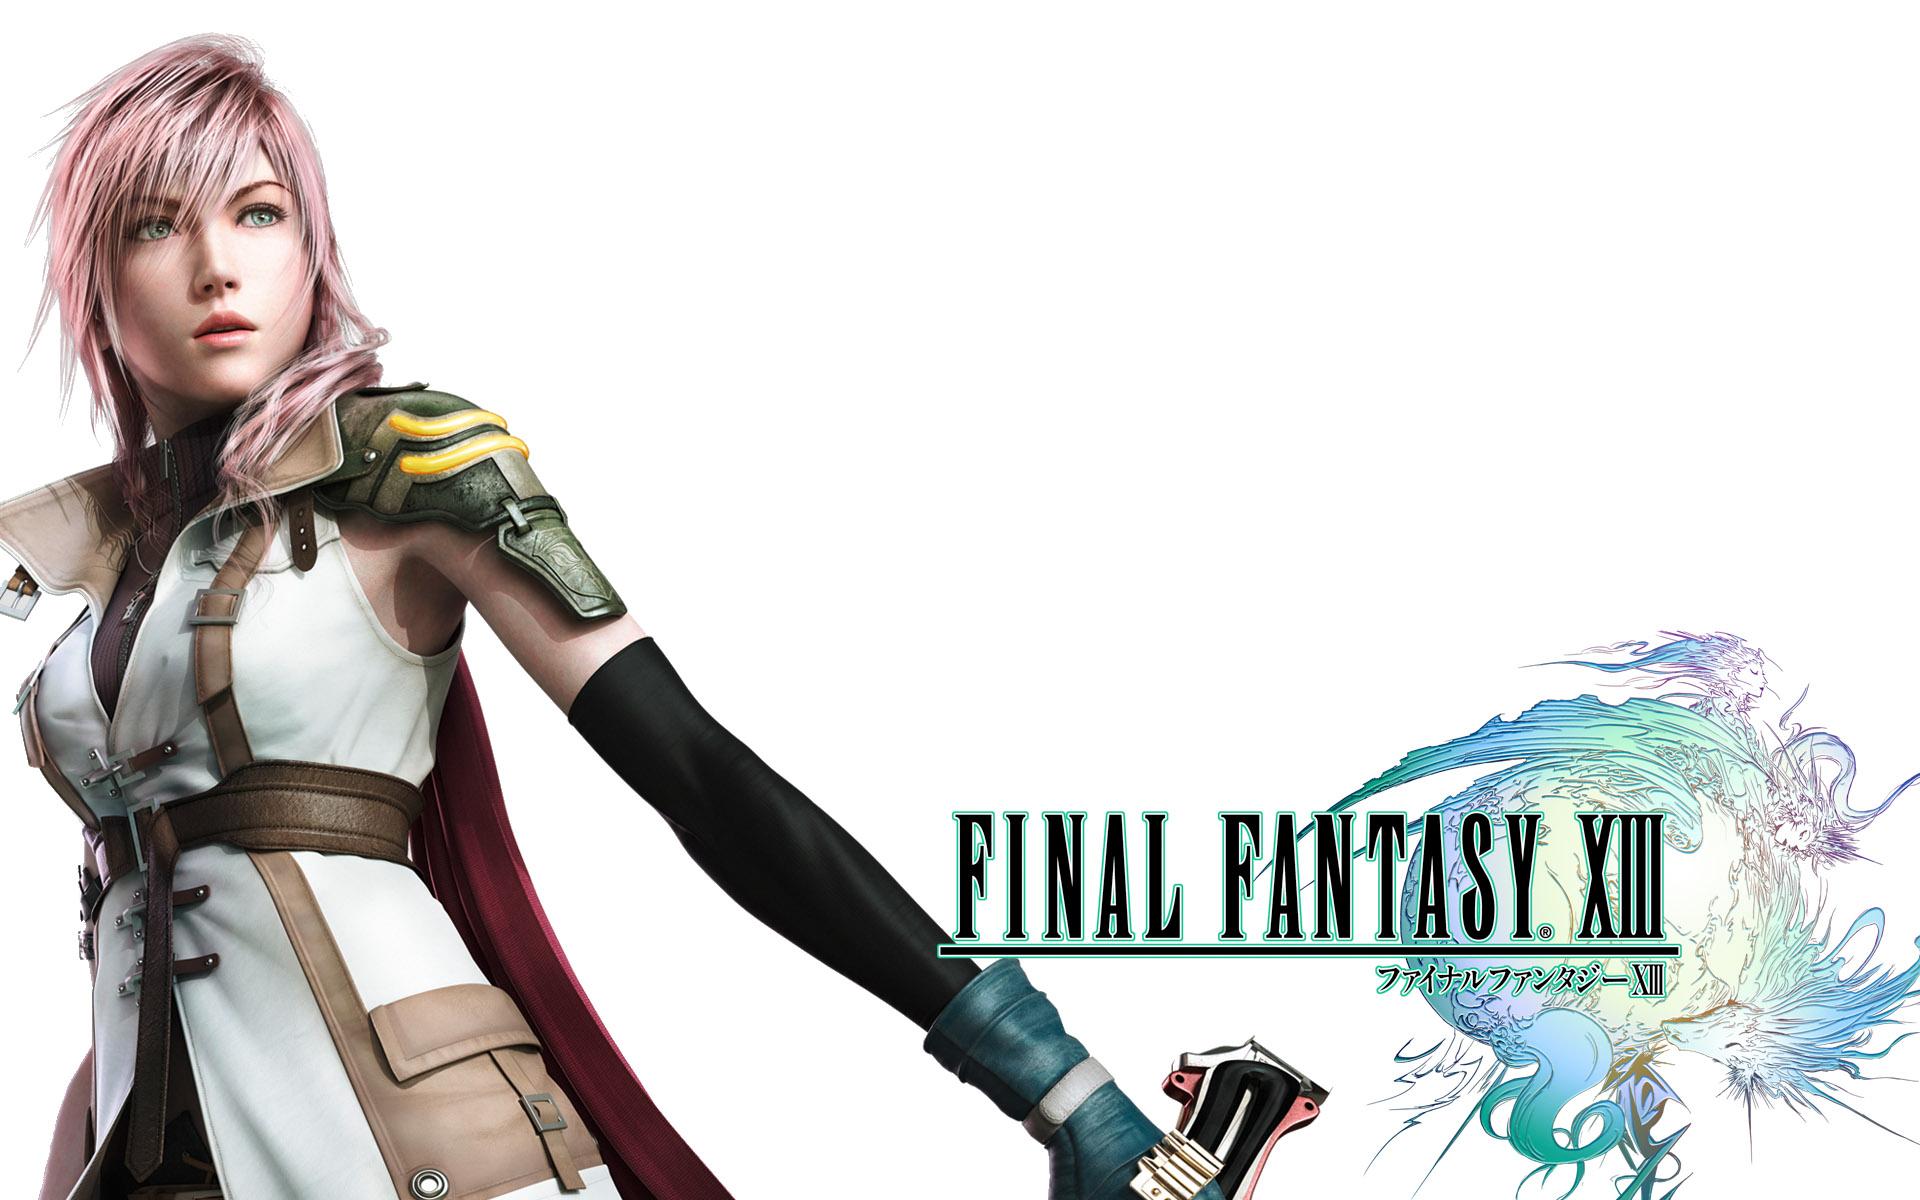 Final Fantasy Xiii Ps3 wallpaper   180437 1920x1200